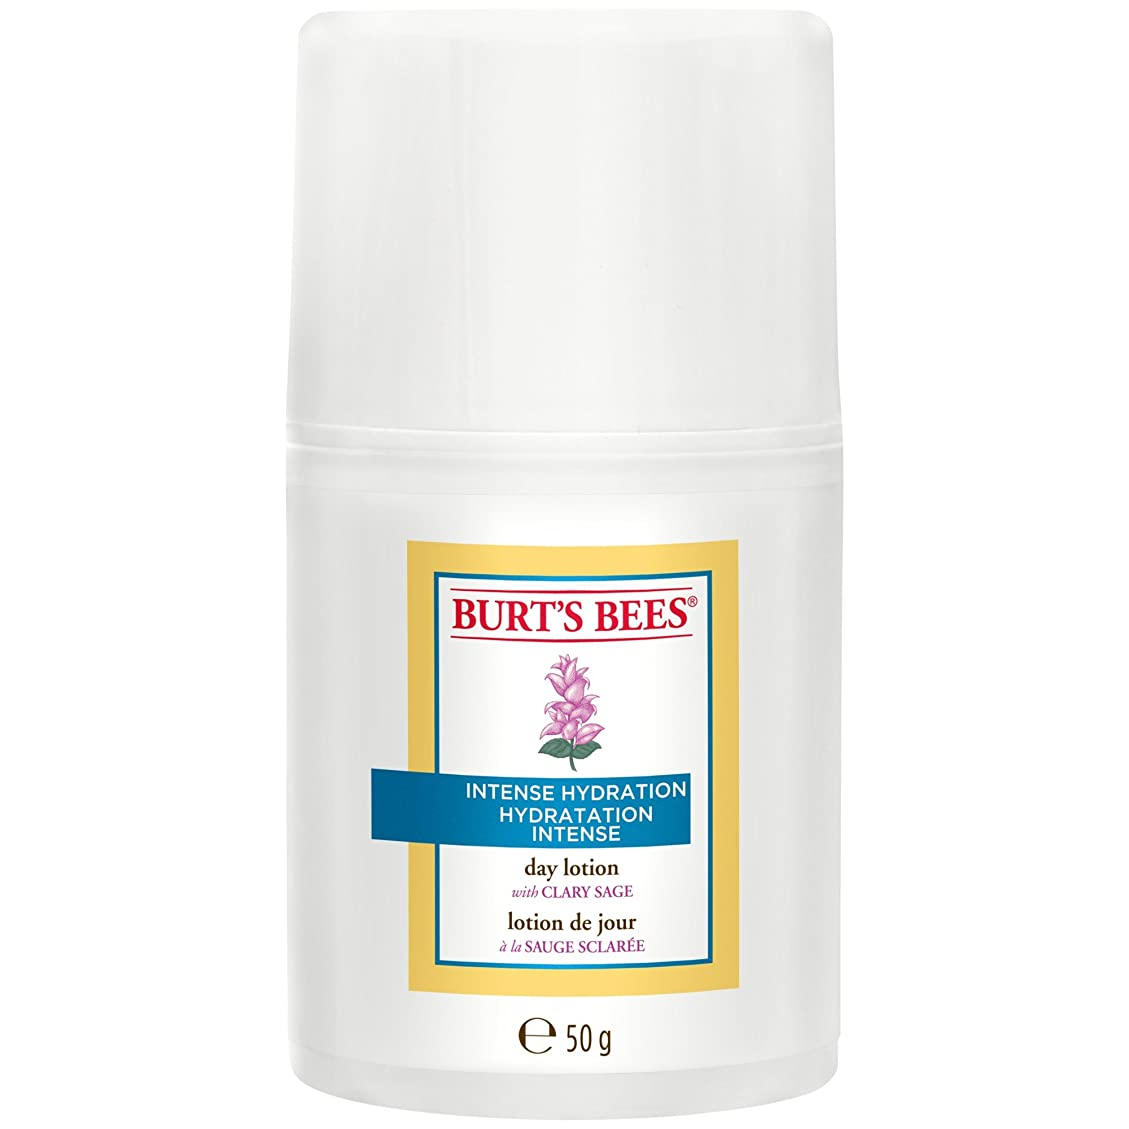 コークス後世謝罪するバーツビー激しい水和日ローション50グラム (Burt's Bees) (x6) - Burt's Bees Intense Hydration Day Lotion 50g (Pack of 6) [並行輸入品]